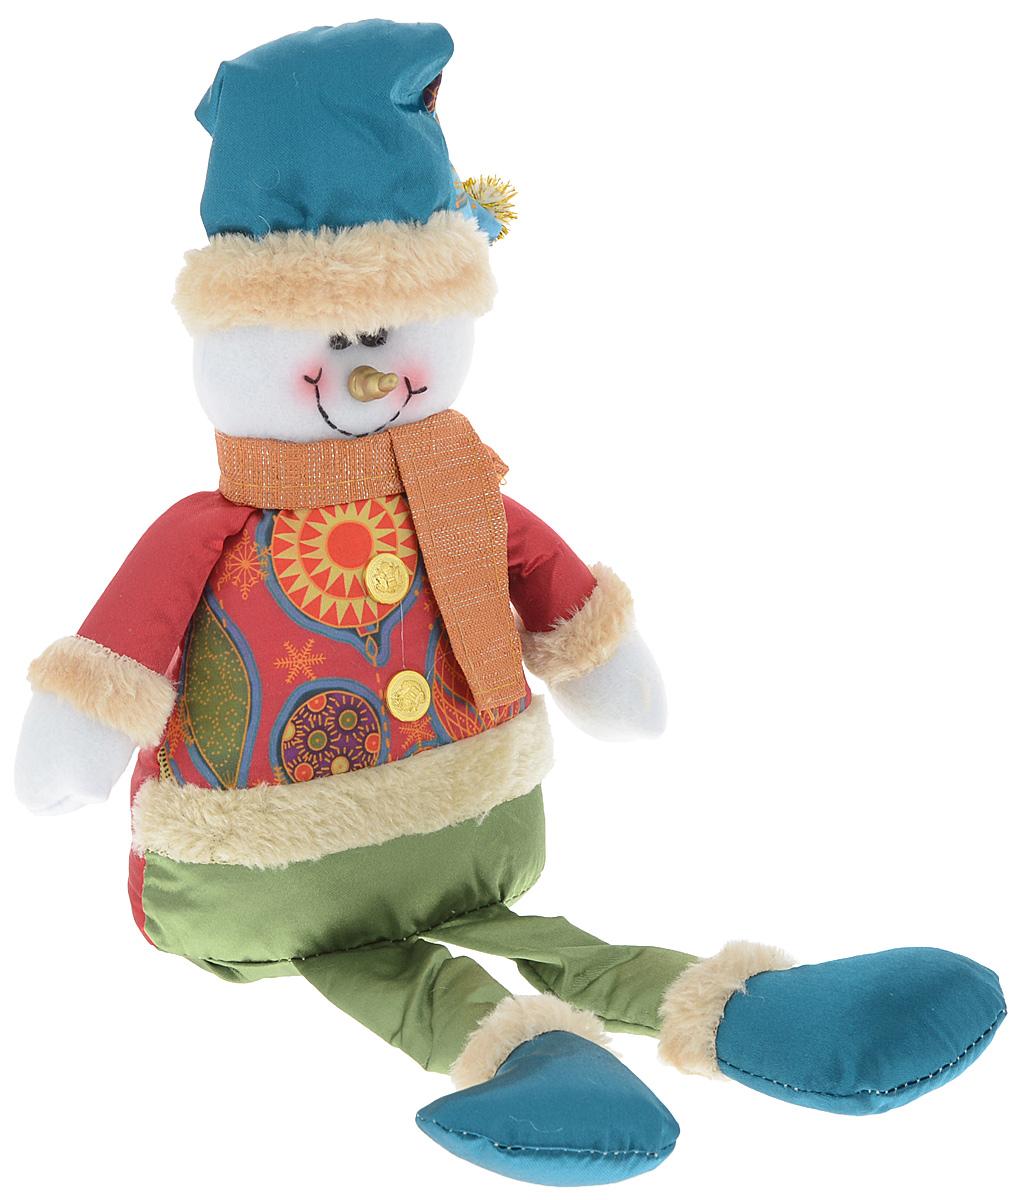 Украшение новогоднее декоративное Win Max Снеговик, 17,5 х 7 х 36 см175831_ВУкрашение новогоднее декоративное Win Max Снеговик прекрасно подойдет для праздничного декора вашего дома. Изделие выполнено из текстиля с наполнителем из синтепона в виде забавного снеговика. Для утяжеления и повышения устойчивости игрушки служит гранулят из полимера. Новогодние украшения несут в себе волшебство и красоту праздника. Они помогут вам украсить дом к предстоящим праздникам и оживить интерьер. Создайте в доме атмосферу тепла, веселья и радости, украшая его всей семьей. Кроме того, такая игрушка станет приятным подарком, который надолго сохранит память этого волшебного времени года.